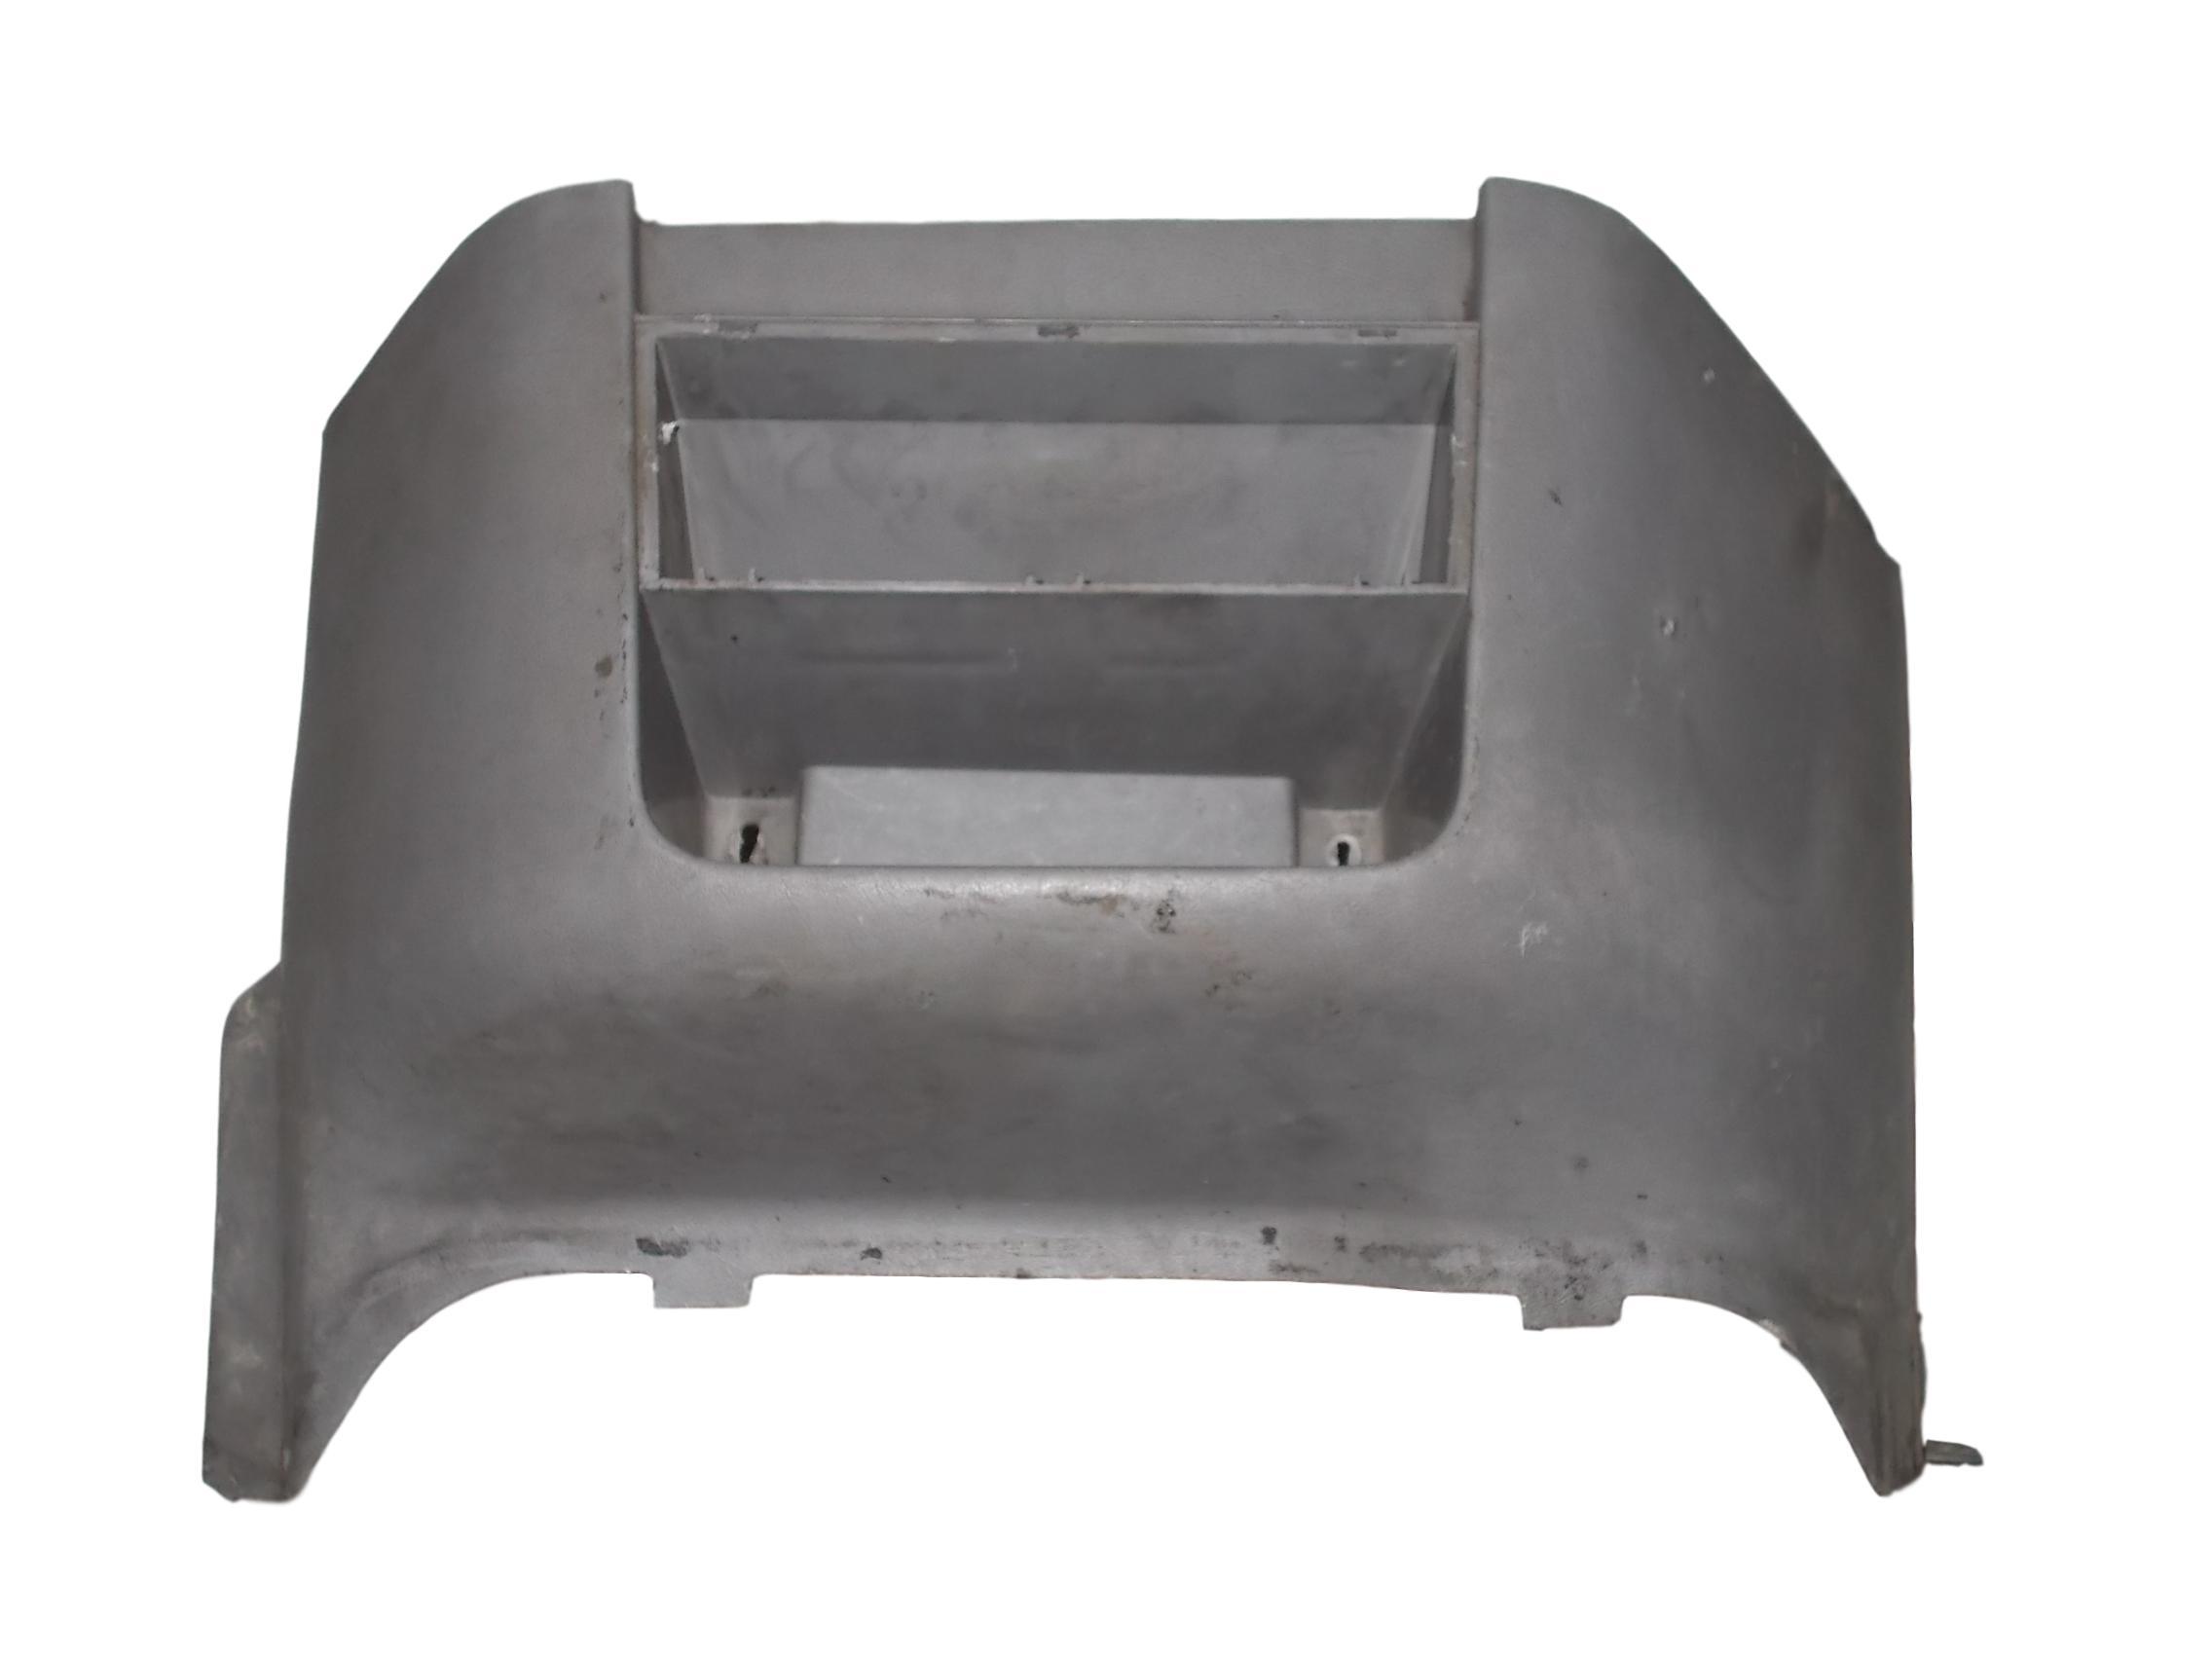 панель srodkowy  консоль  туннель  vw lt  96-06  орг